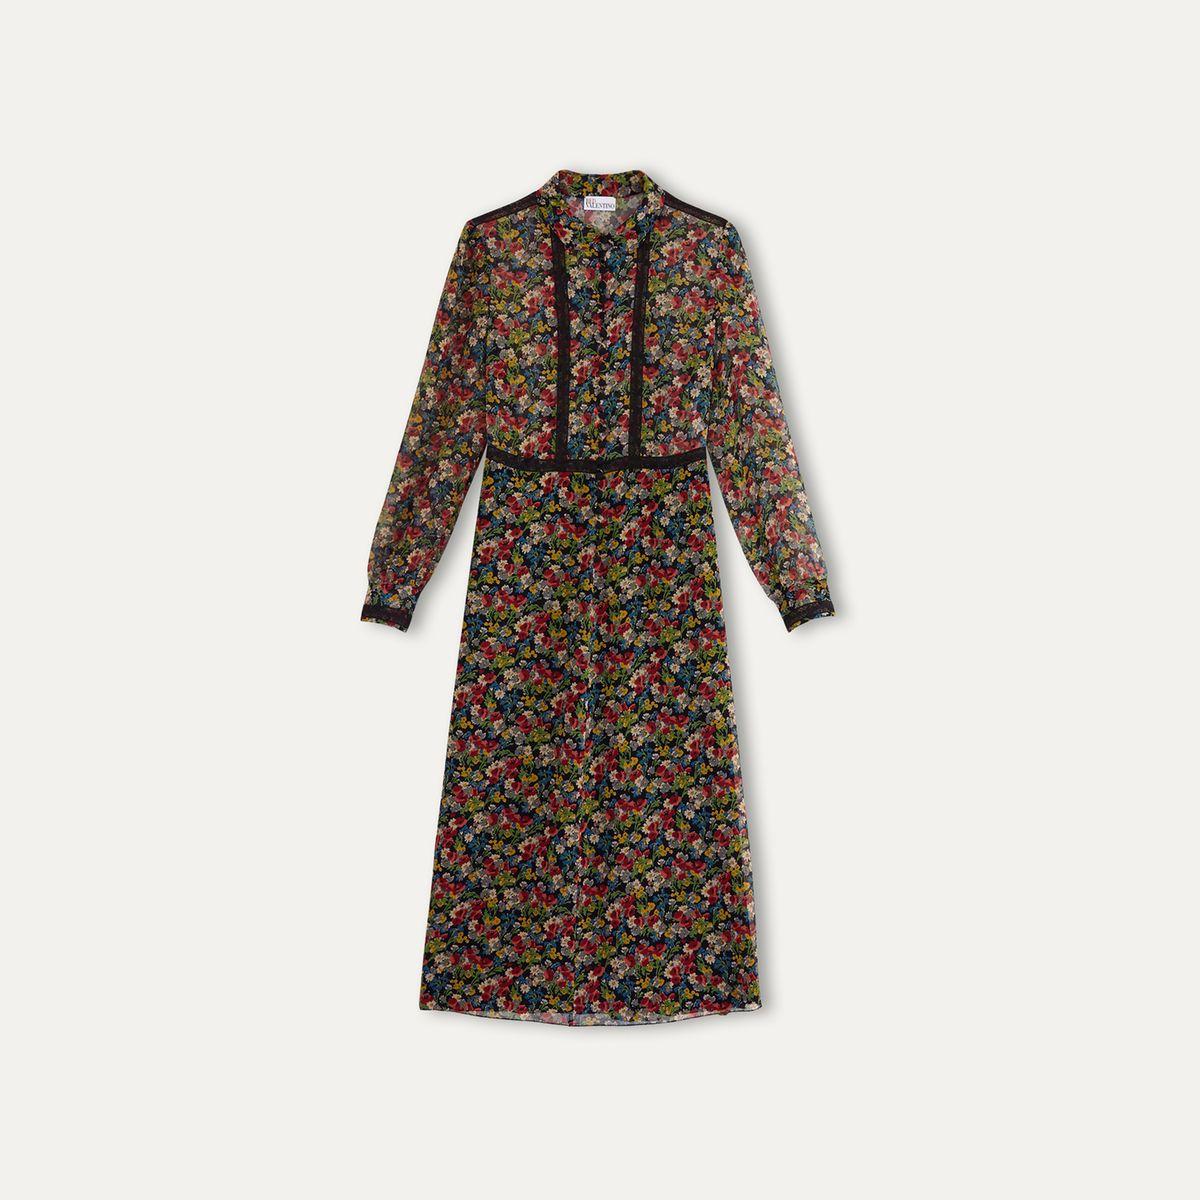 robes femmes hiver. Black Bedroom Furniture Sets. Home Design Ideas